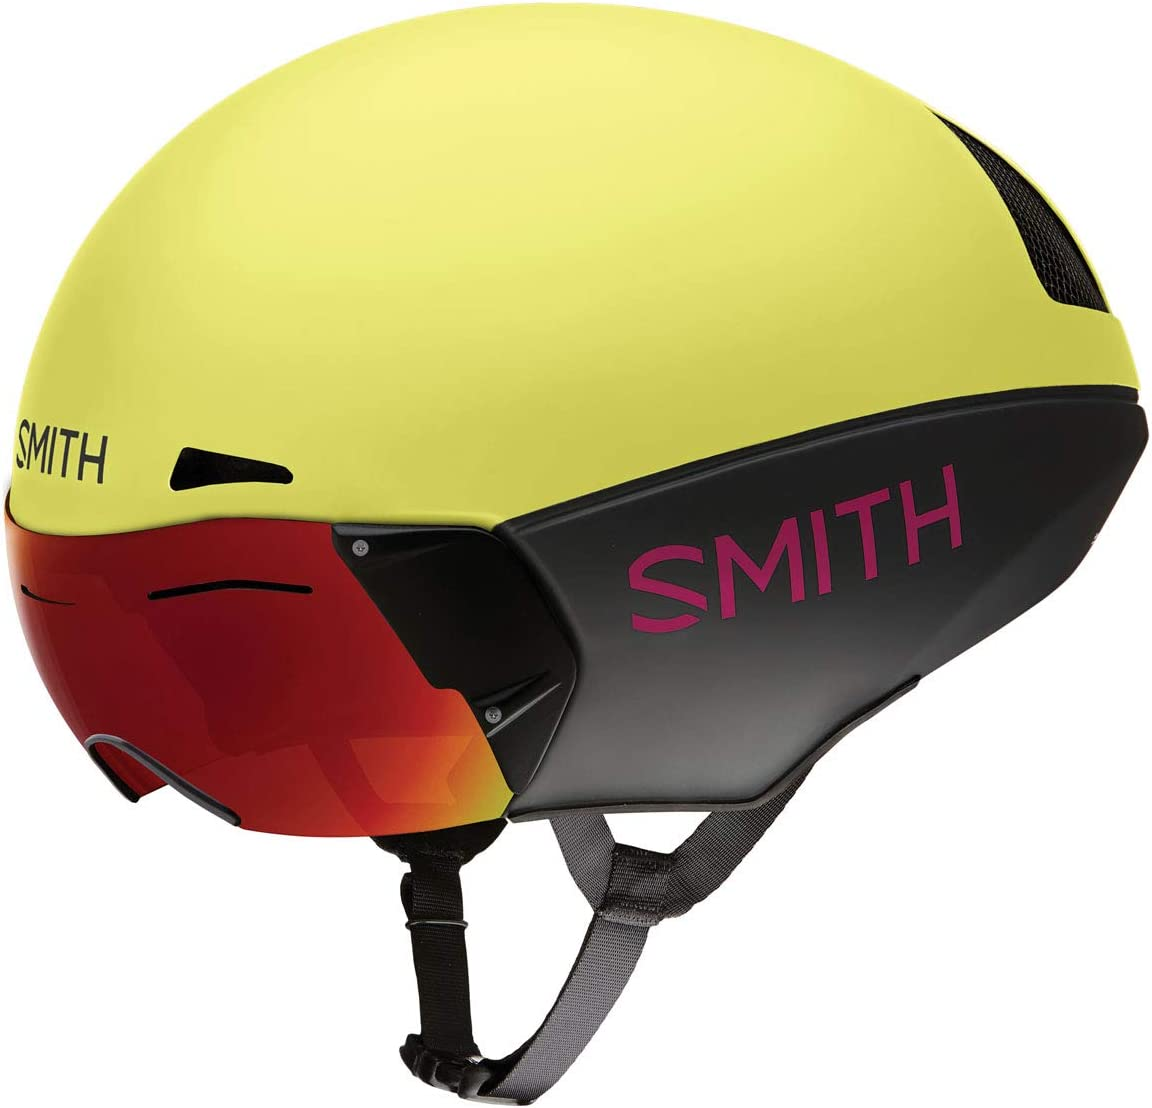 Smith Optics Podium TT Cycling Adult Helmet